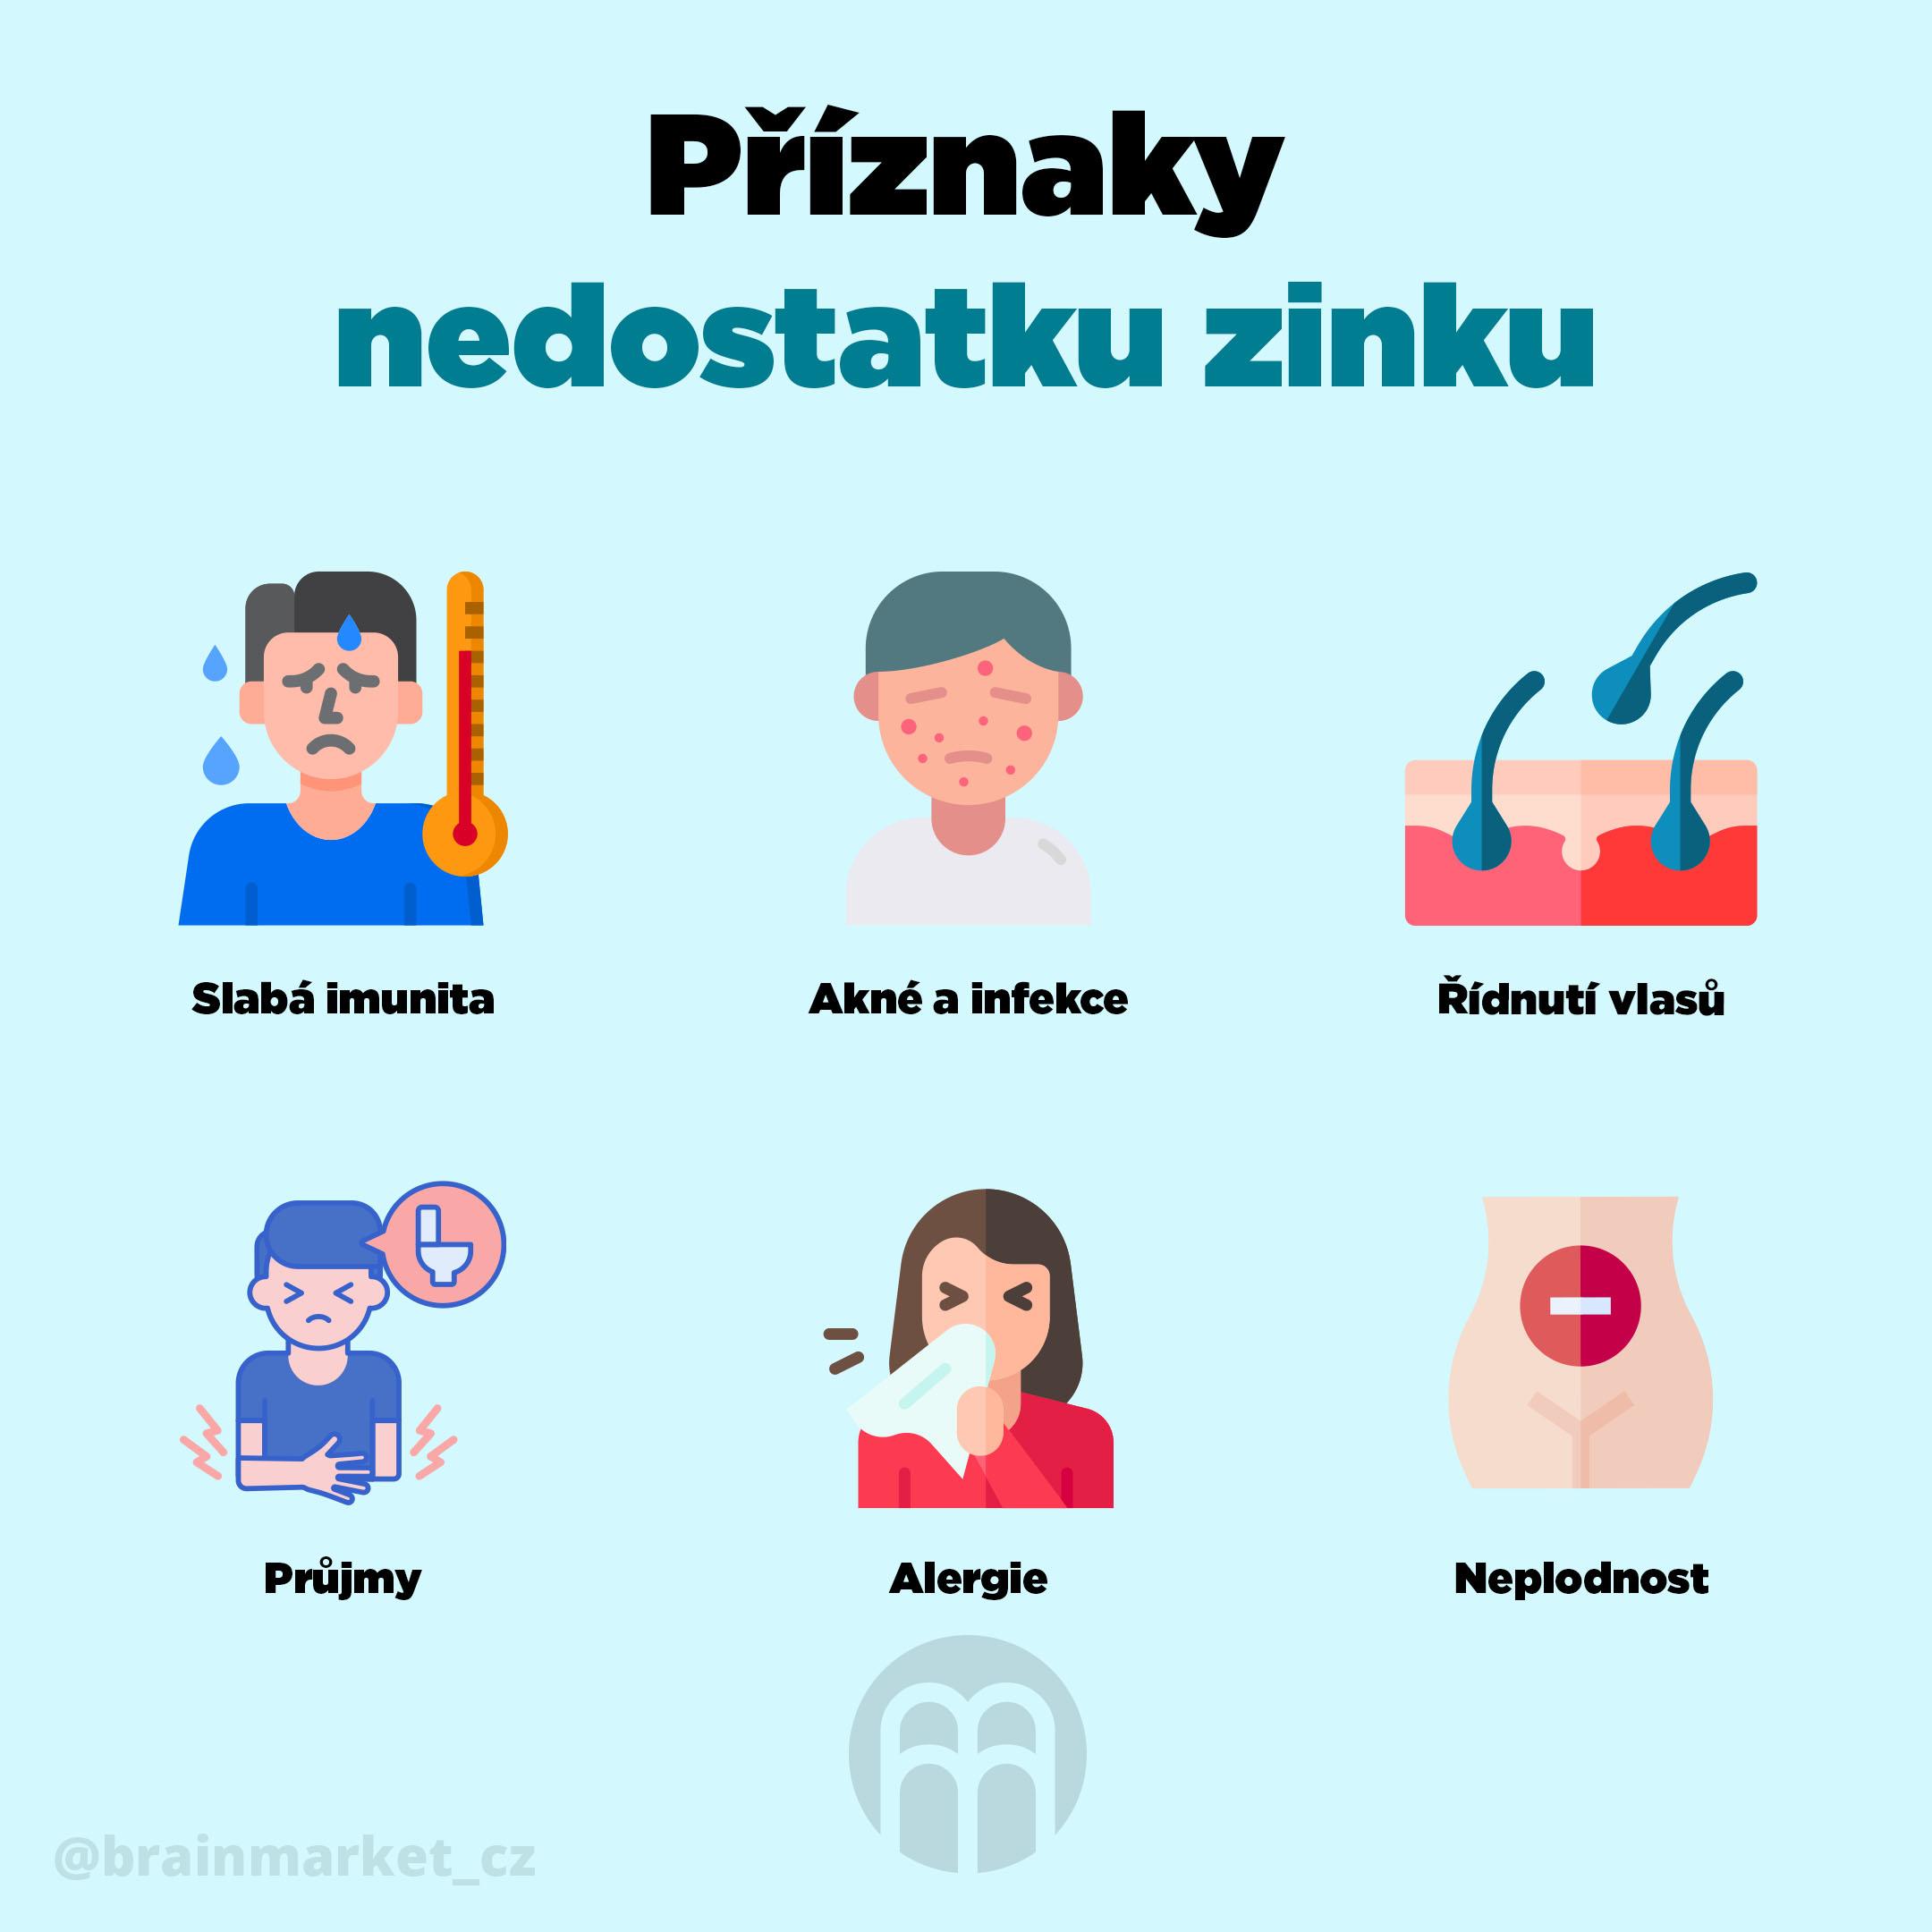 priznaky-nedostatku-zinku-infografika-brainmarket-2-cz